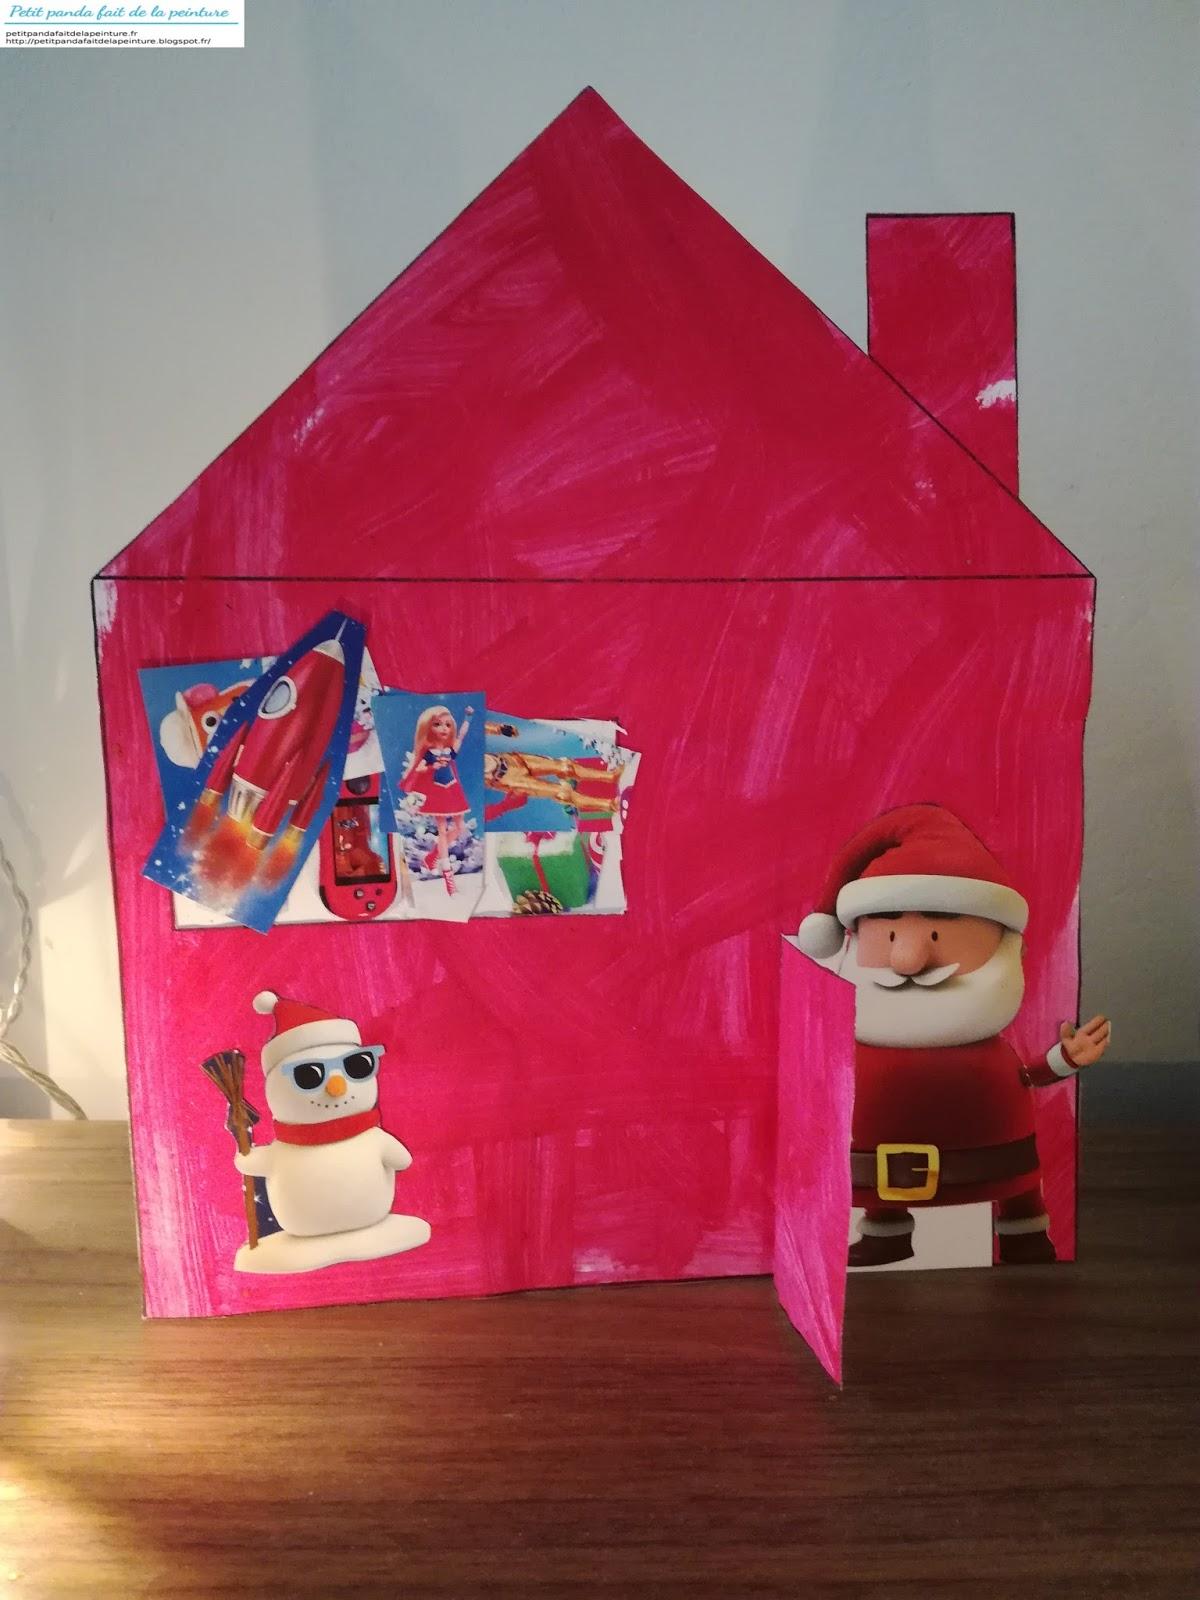 petit panda fait de la peinture une maison du pere noel a la peinture rouge et collage de gommettes. Black Bedroom Furniture Sets. Home Design Ideas